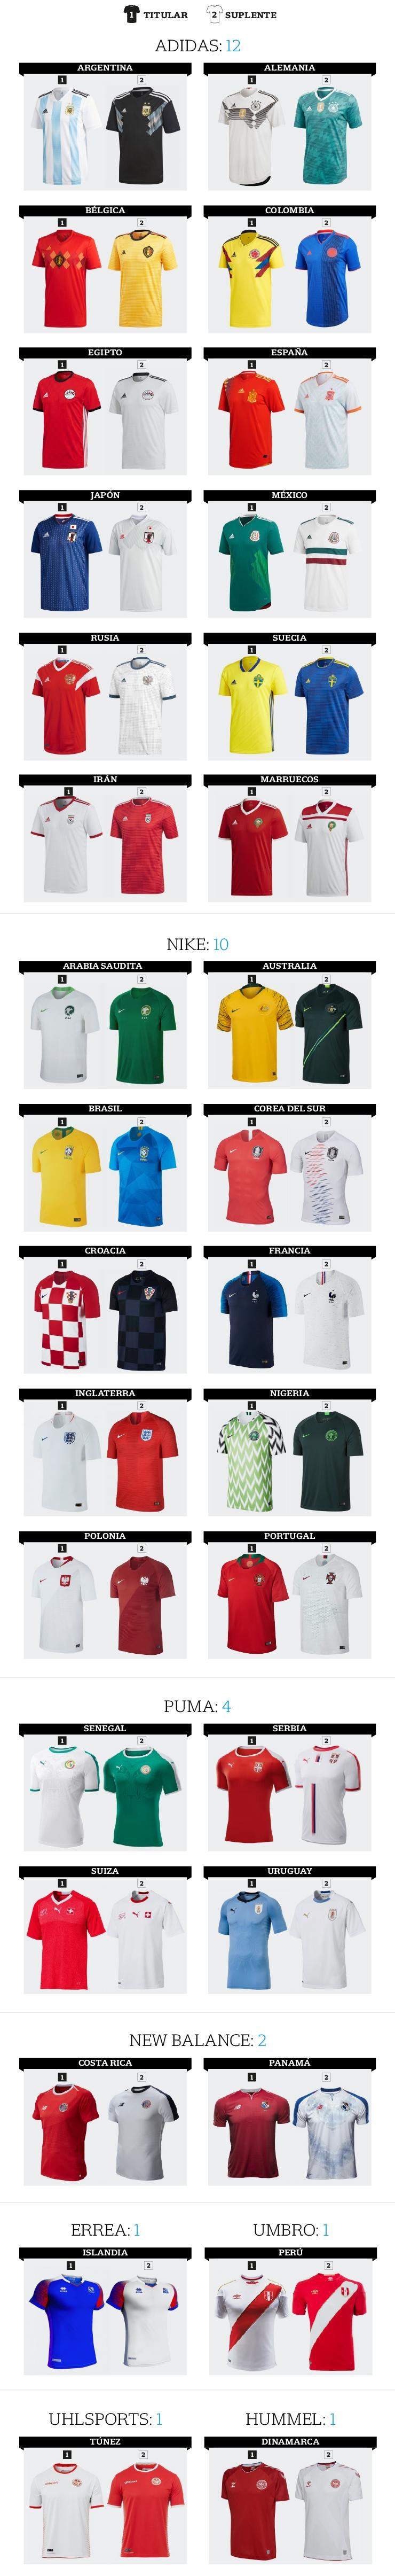 ¿Y cuáles son las camisetas más caras de la liga inglesa  Las del Manchester  City  722c0739dd2c7